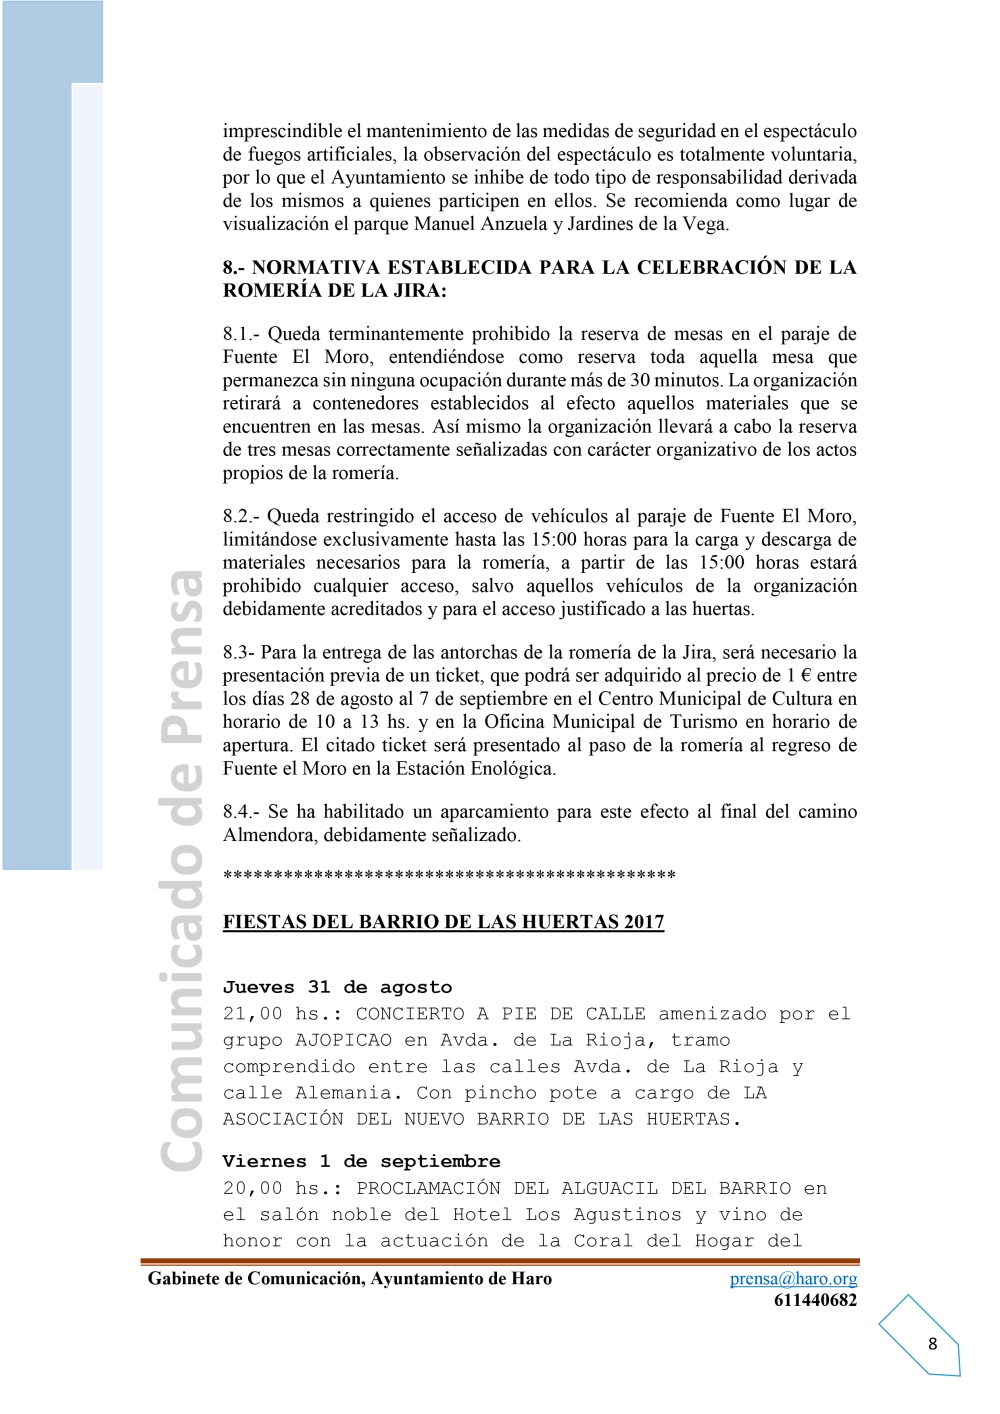 PROGRAMA-DE-FIESTAS-8